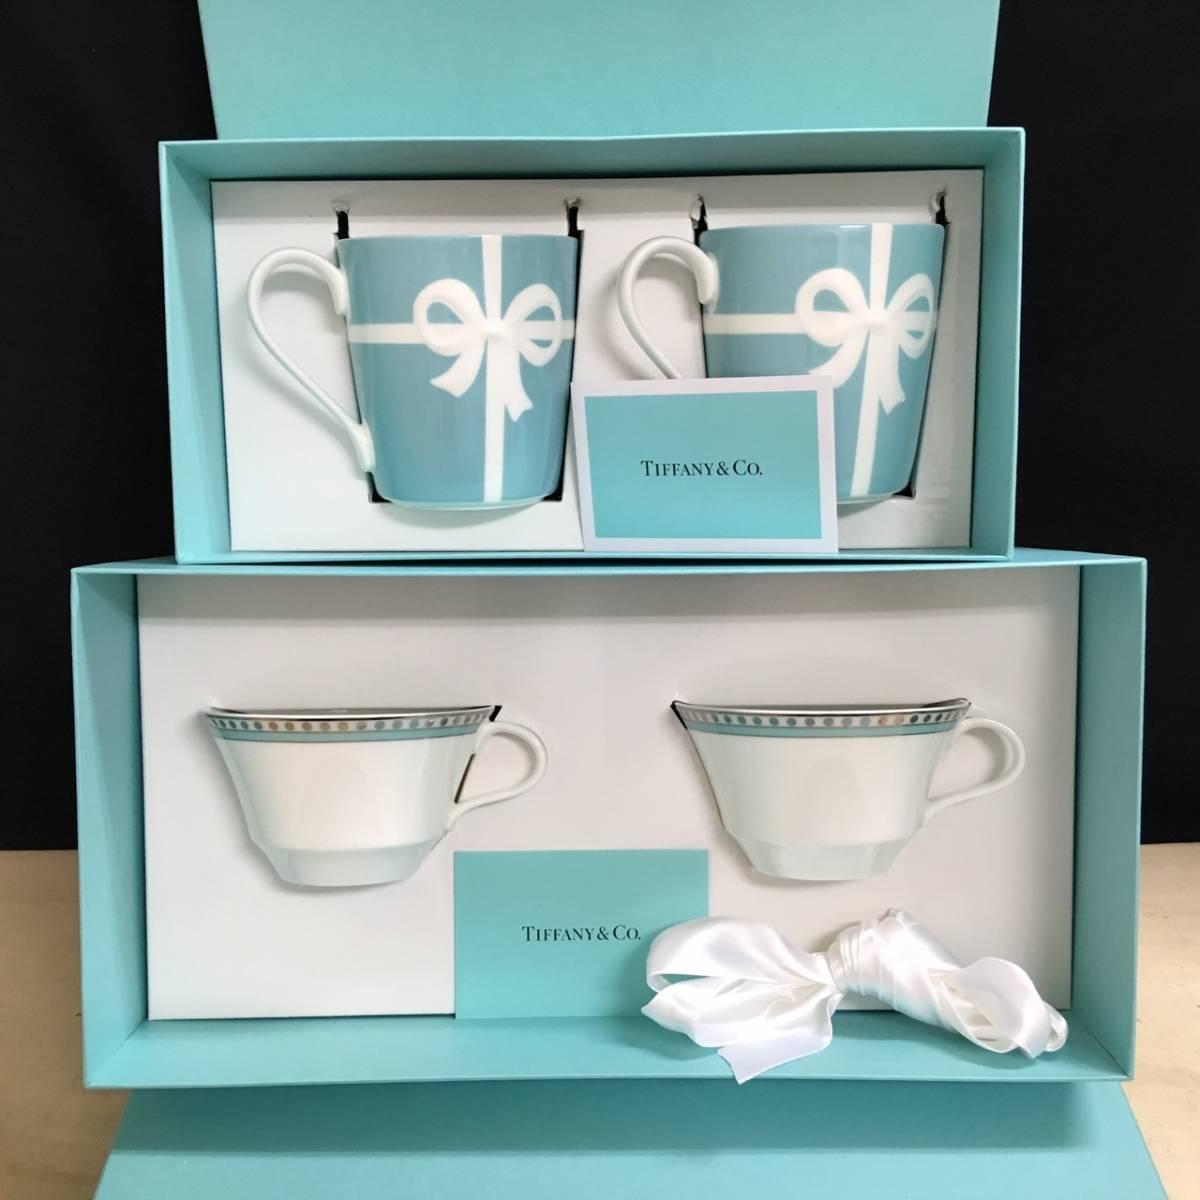 online retailer 135e4 0fcef 代購代標第一品牌 - 樂淘letao - A08b99I Tiffany ティファニー ...